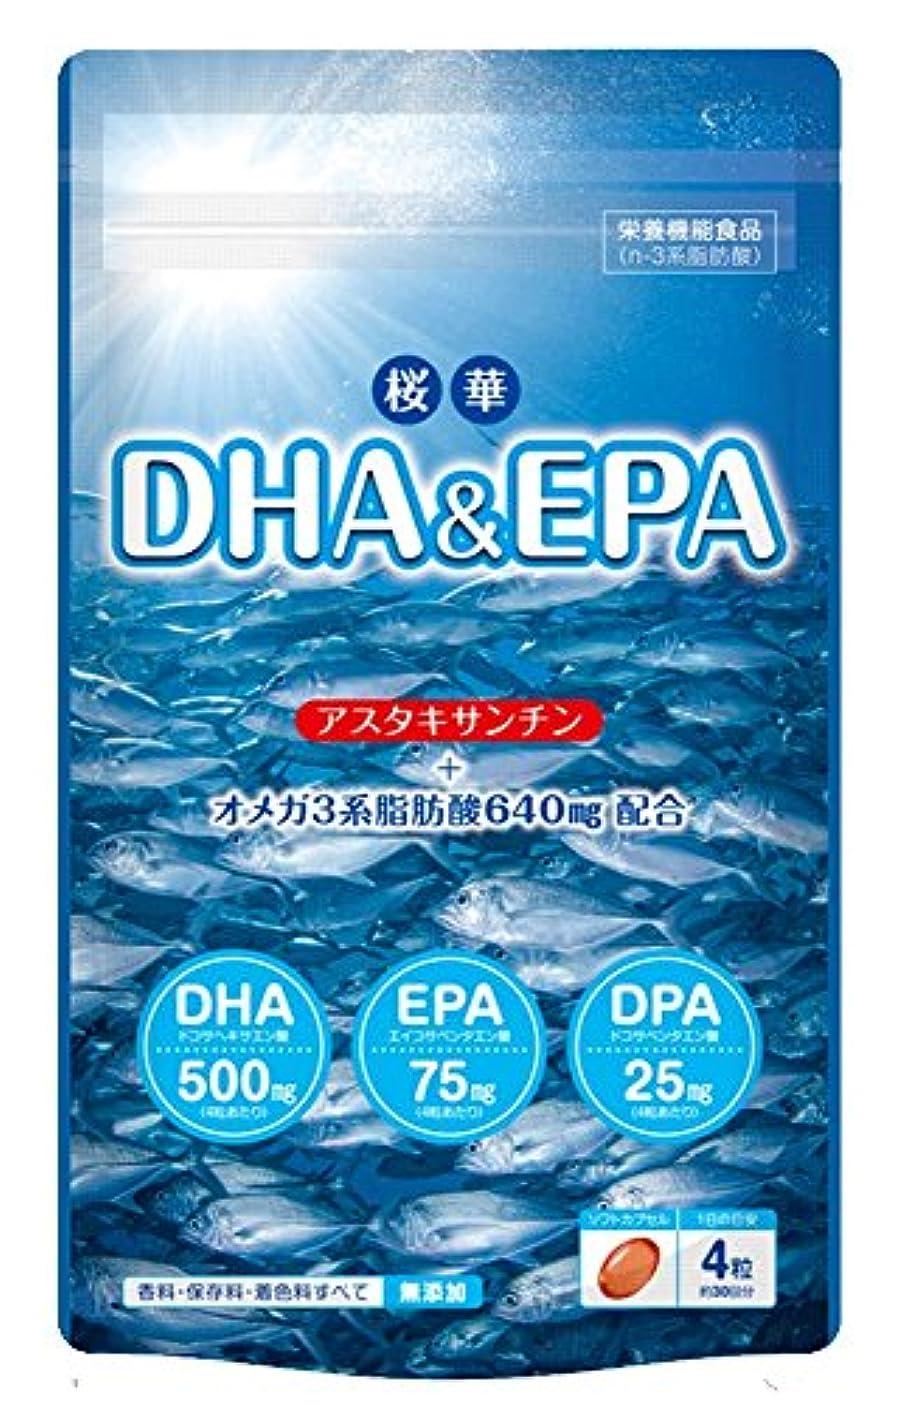 土ローブ何DHA&EPA(栄養機能食品)オメガ3系脂肪酸640mg配合+アスタキサンチン 香料?保存料?着色料すべて無添加 (120粒入り)送料無料